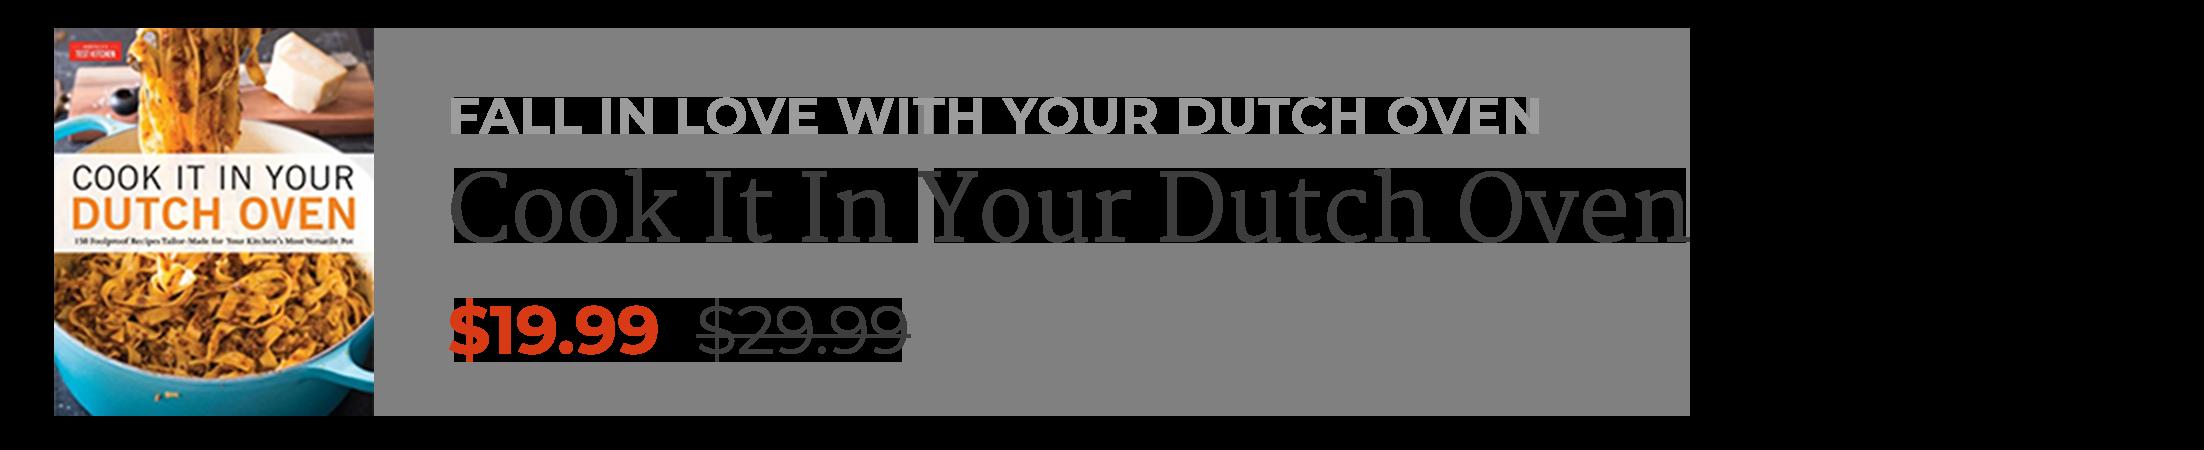 DutchOven